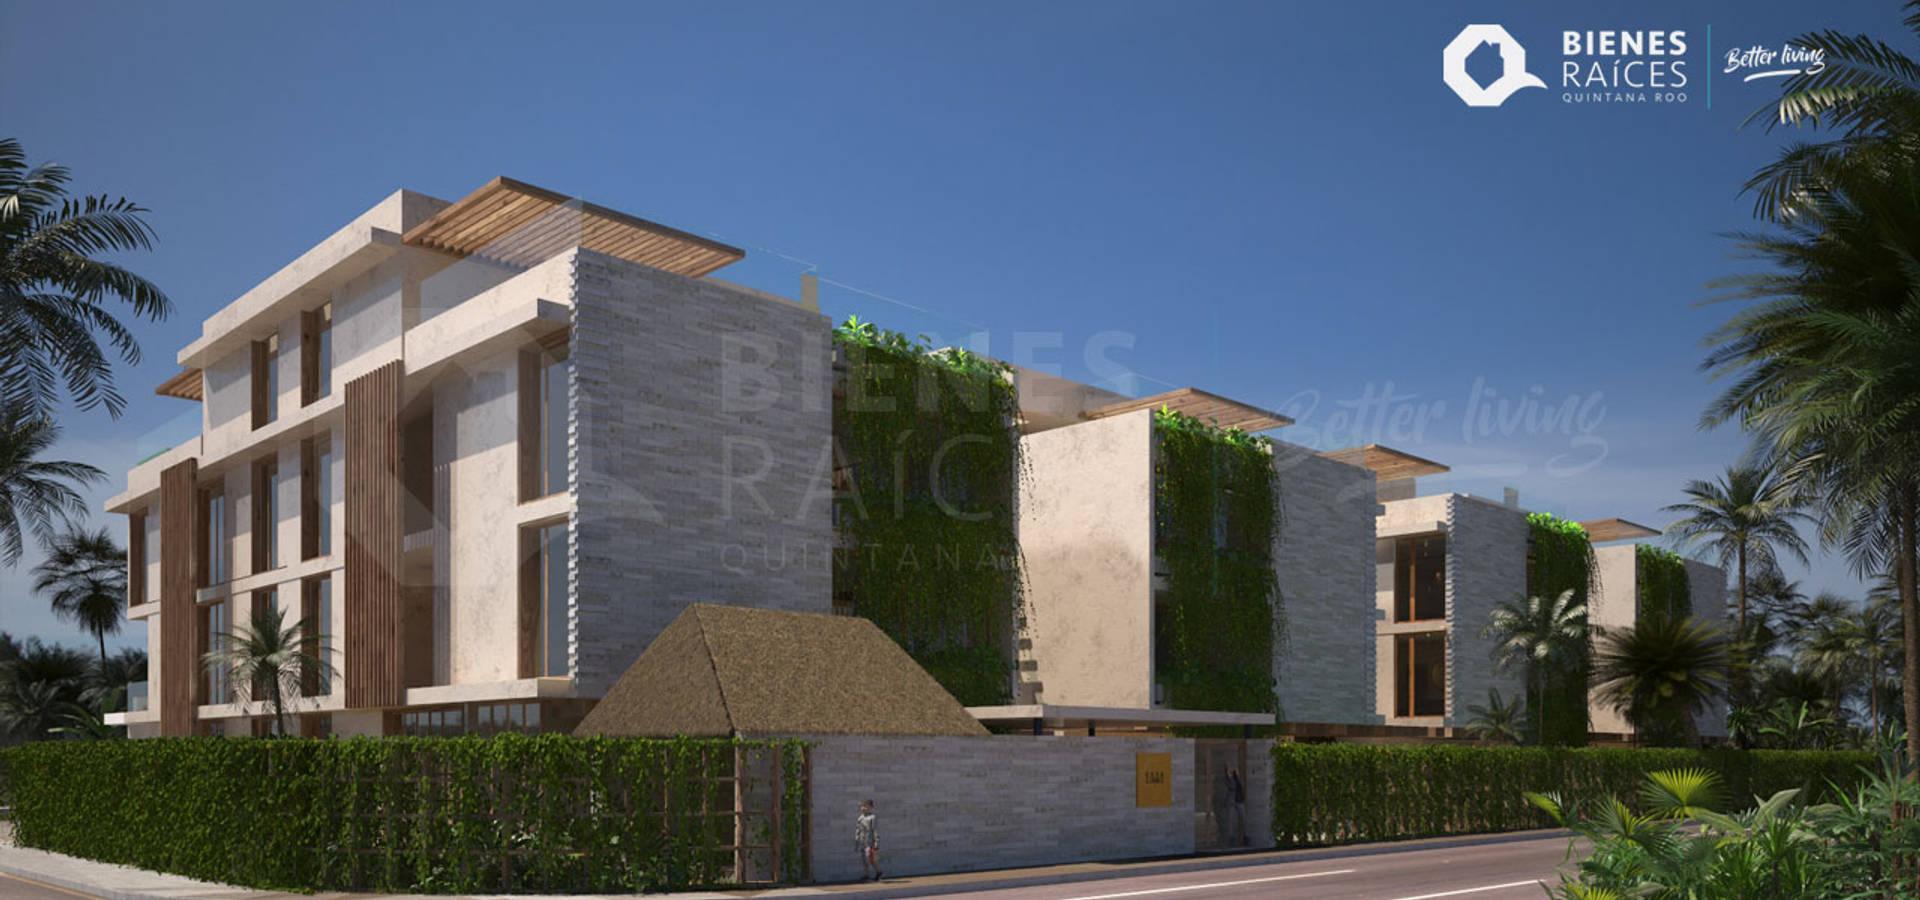 Agencia Inmobiliaria Bienes Raíces Quintana Roo Real Estate